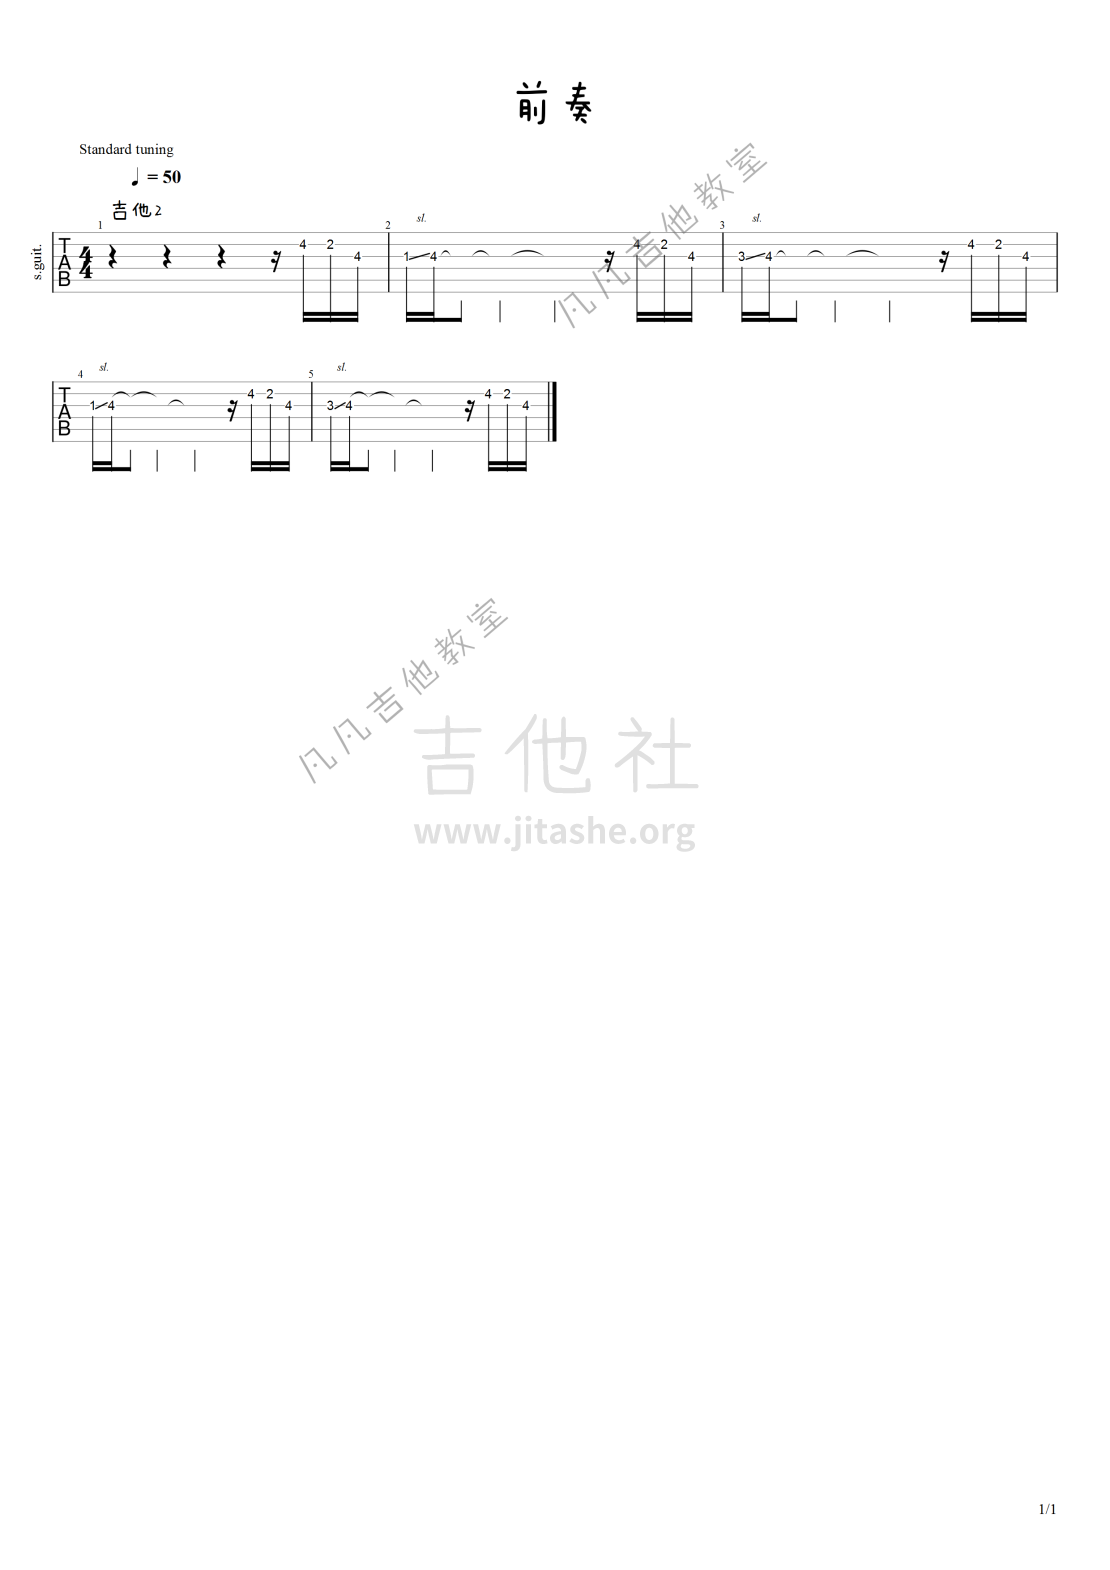 爸爸妈妈吉他谱(图片谱,弹唱)_李荣浩_前奏#1.png